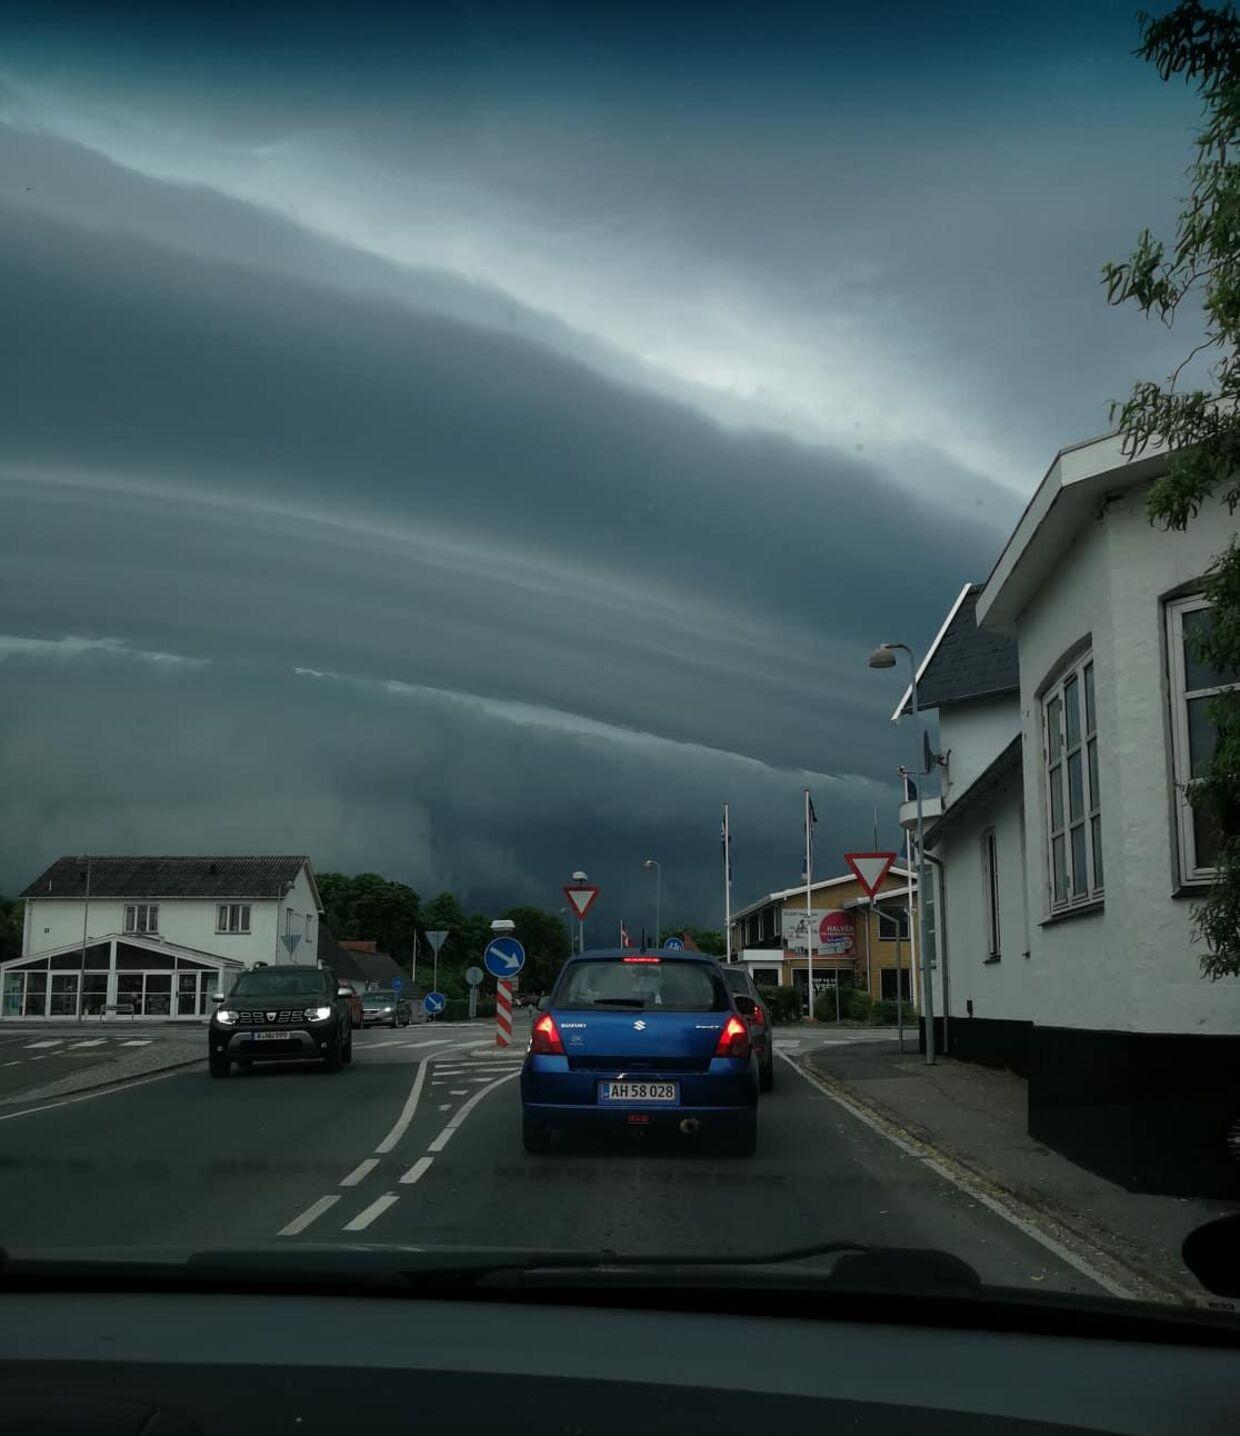 Kira Madsen tog dette foto på vej til arbejde. De mørke skyer udløste en skypumpe kort før middag.